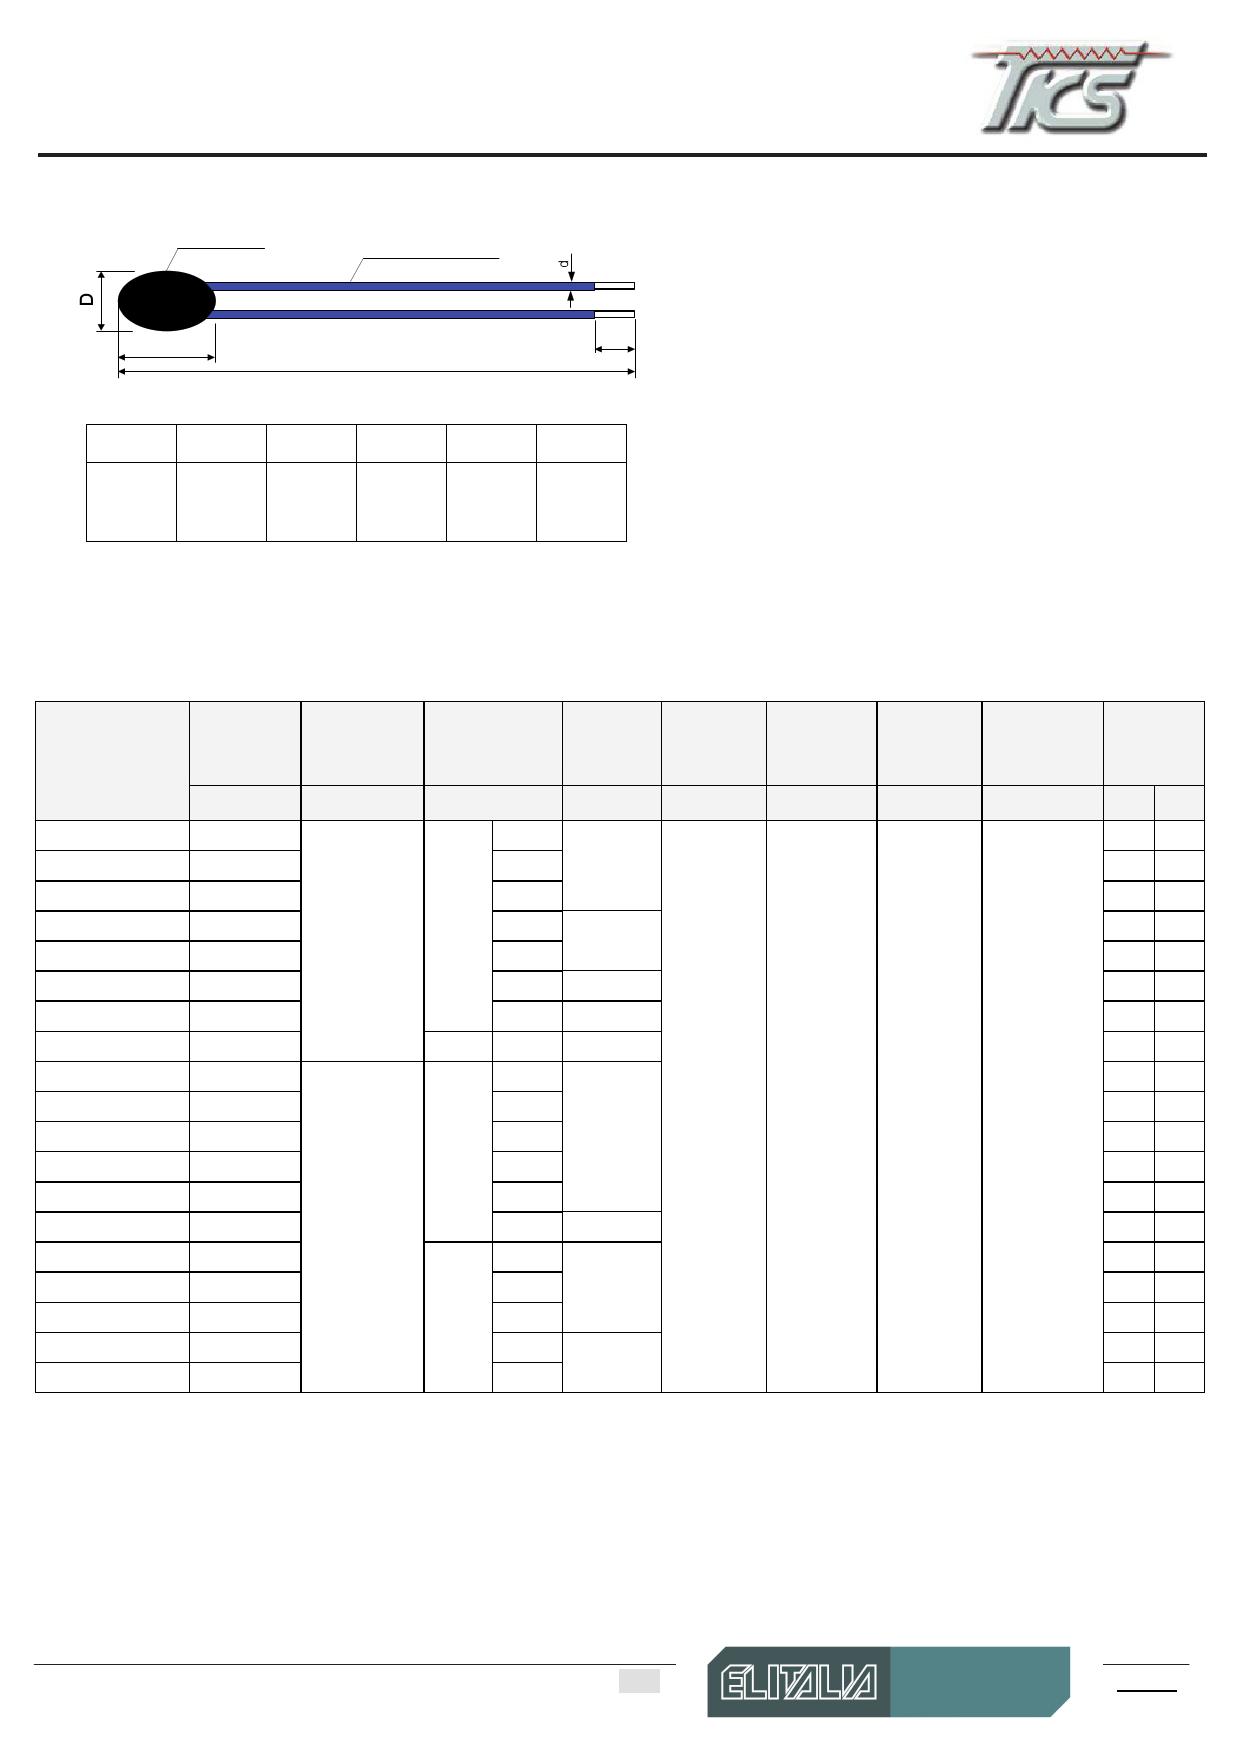 TTS2B104 pdf, schematic